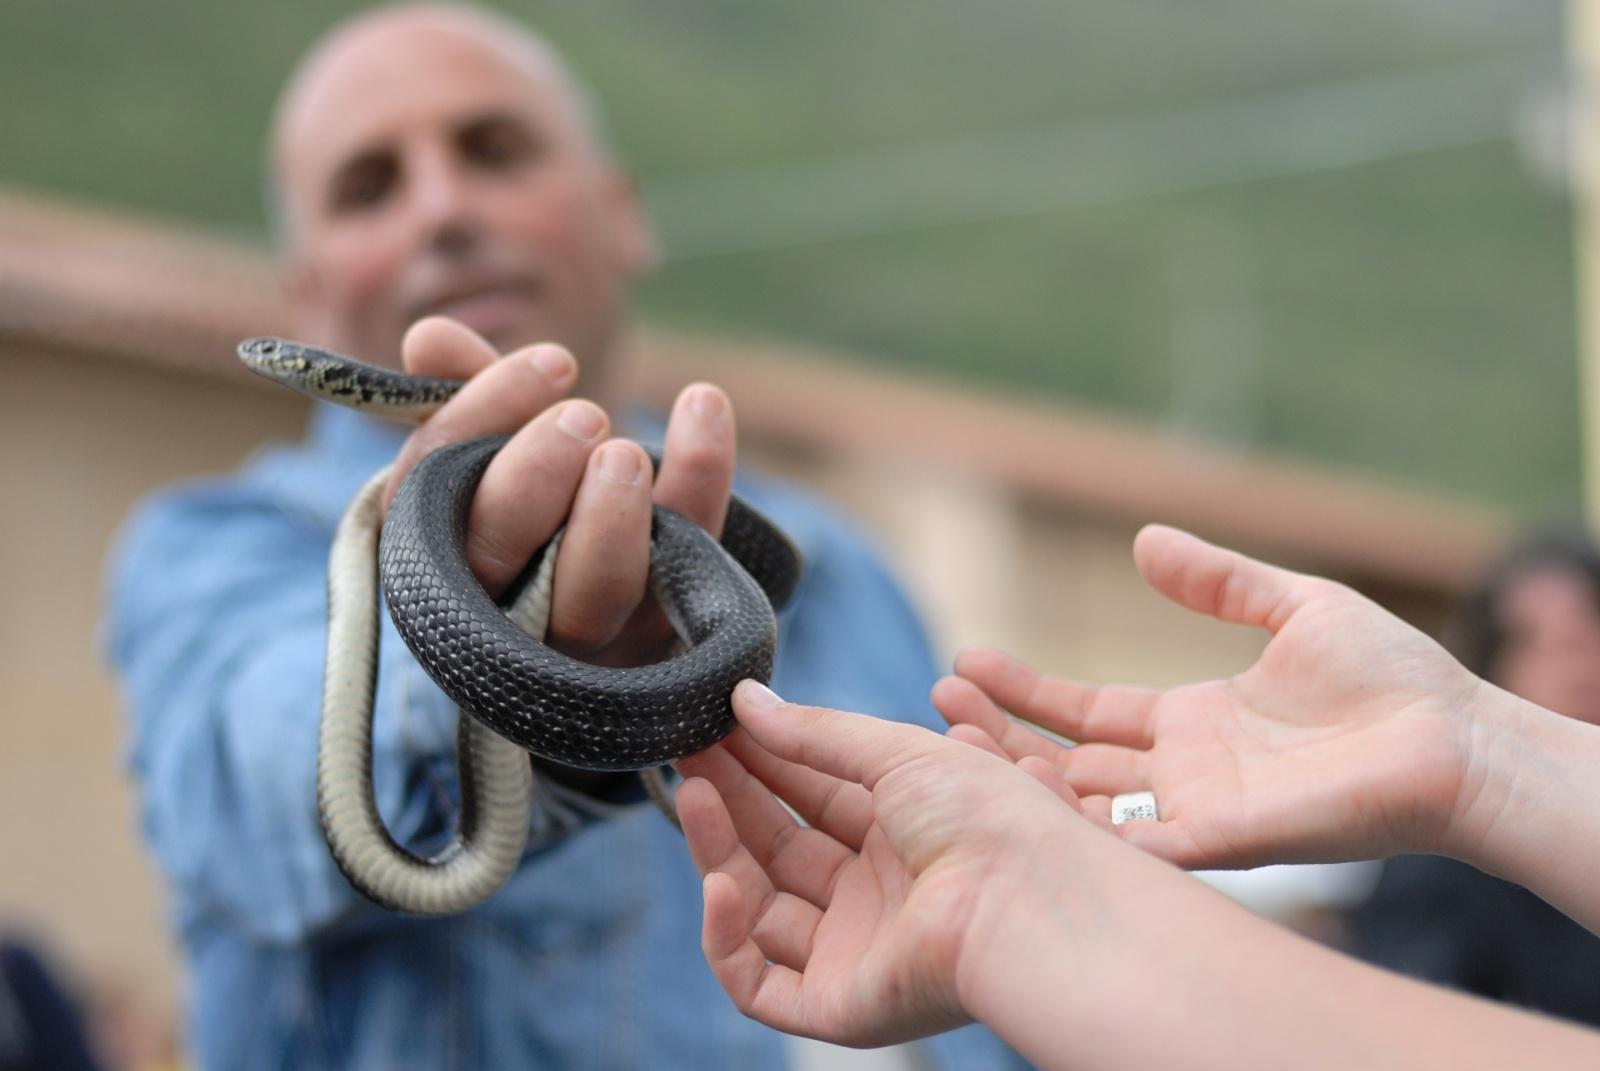 La Festa dei Serpari - prima della processione i serpari mostrano i serpenti ai visitatori, permettendo loro di toccarli e maneggiarli, mentre si intonano canti popolari per le vie del paesino